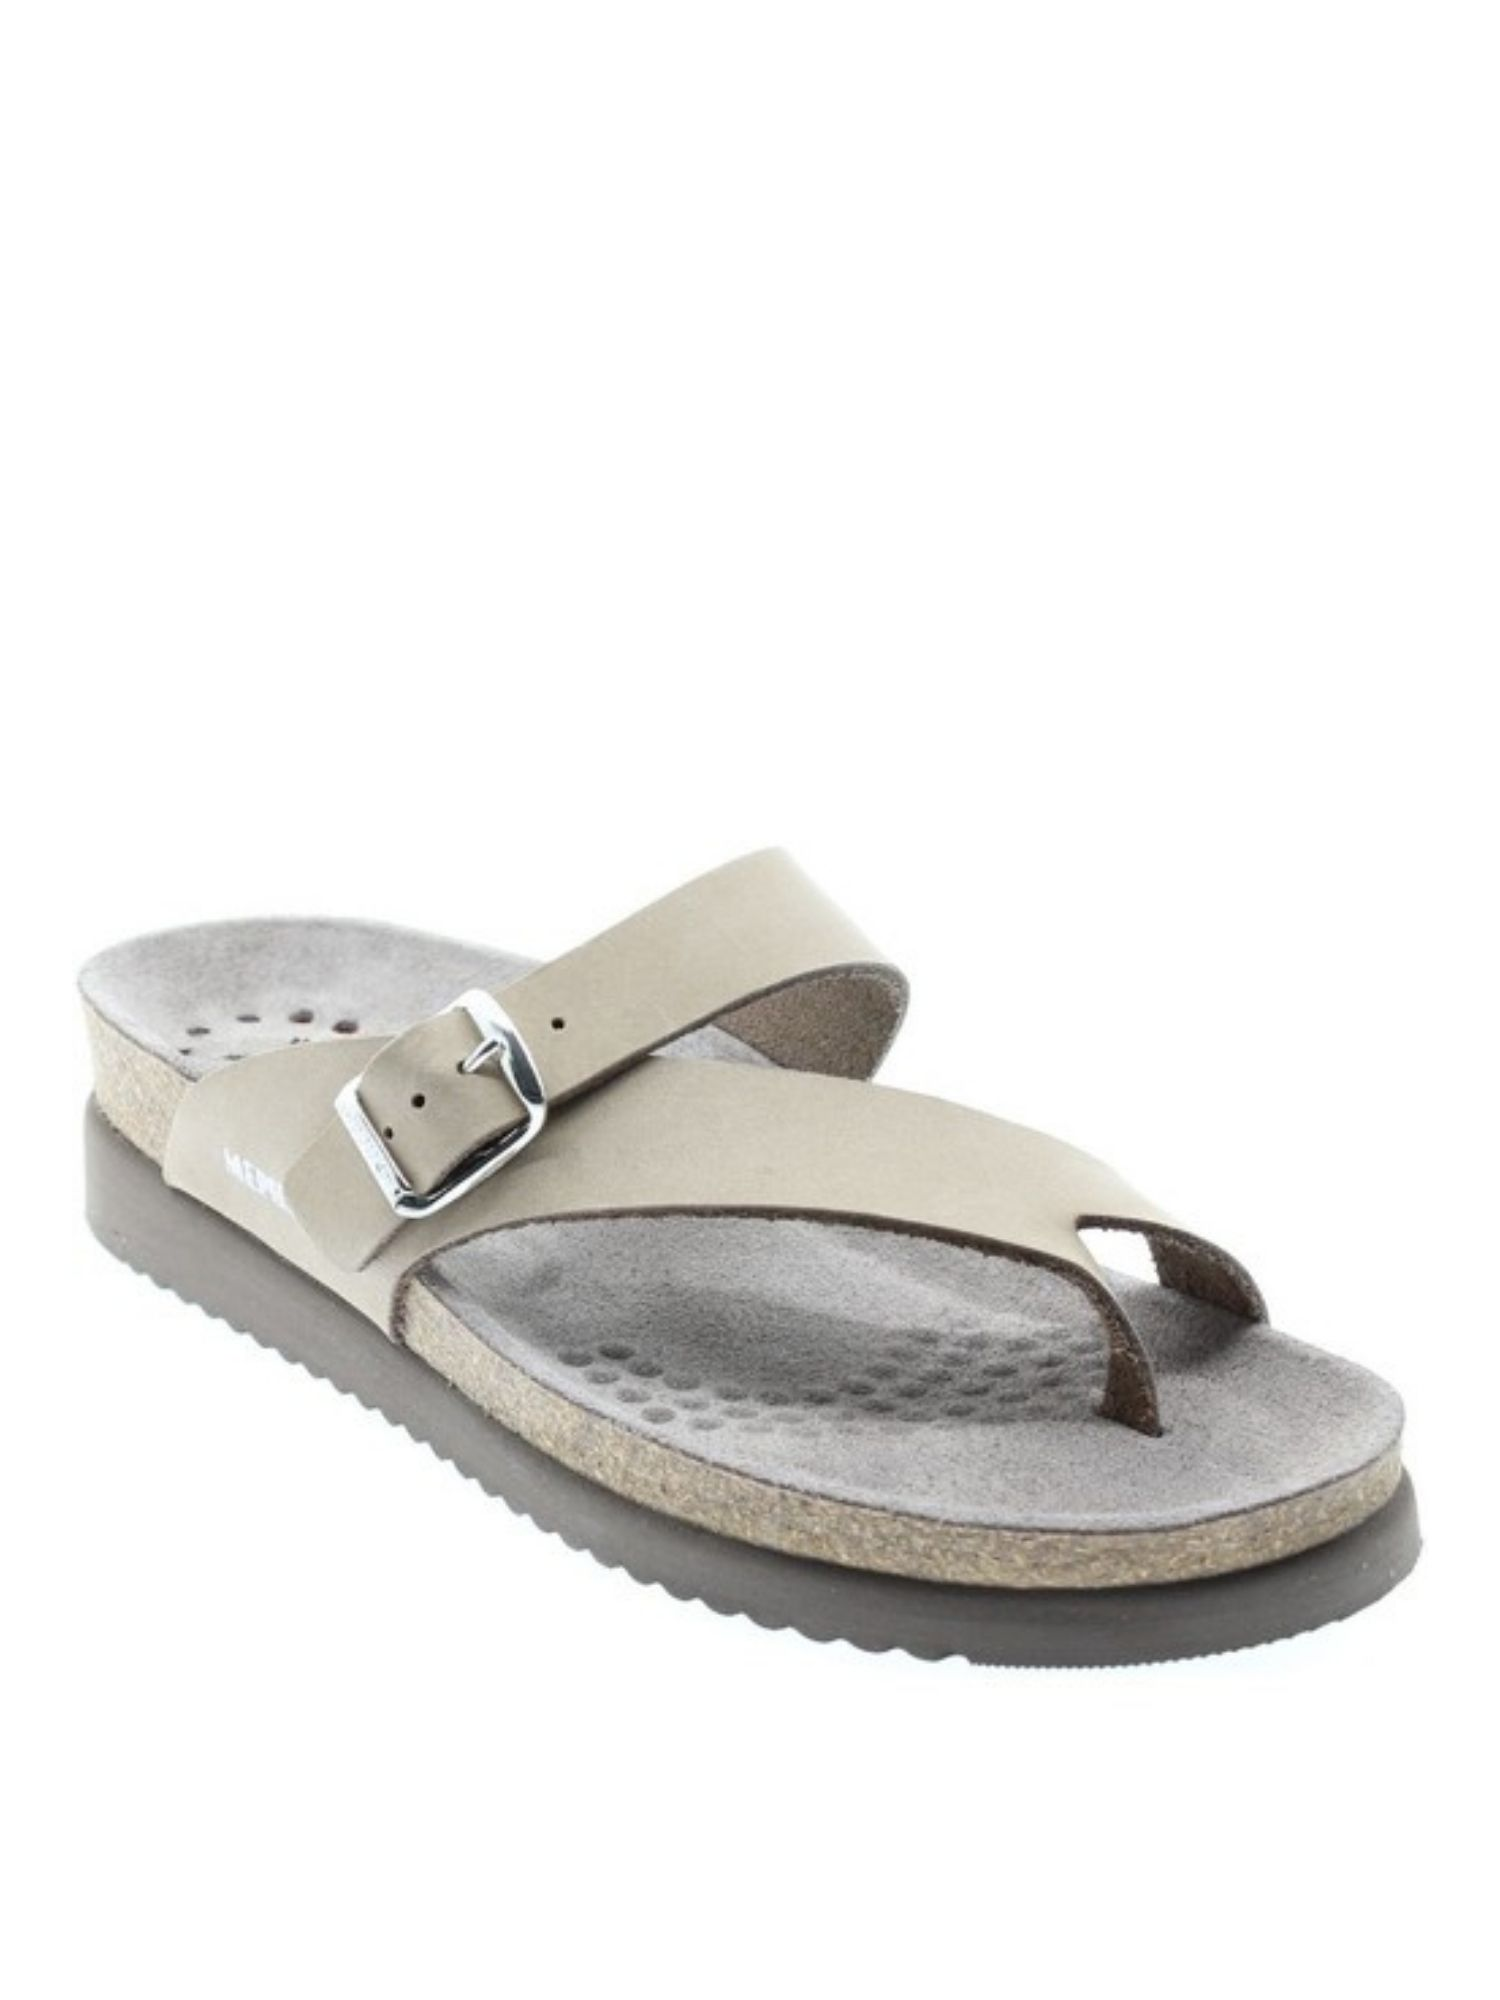 Sandalo Mephisto Helen Light taupe